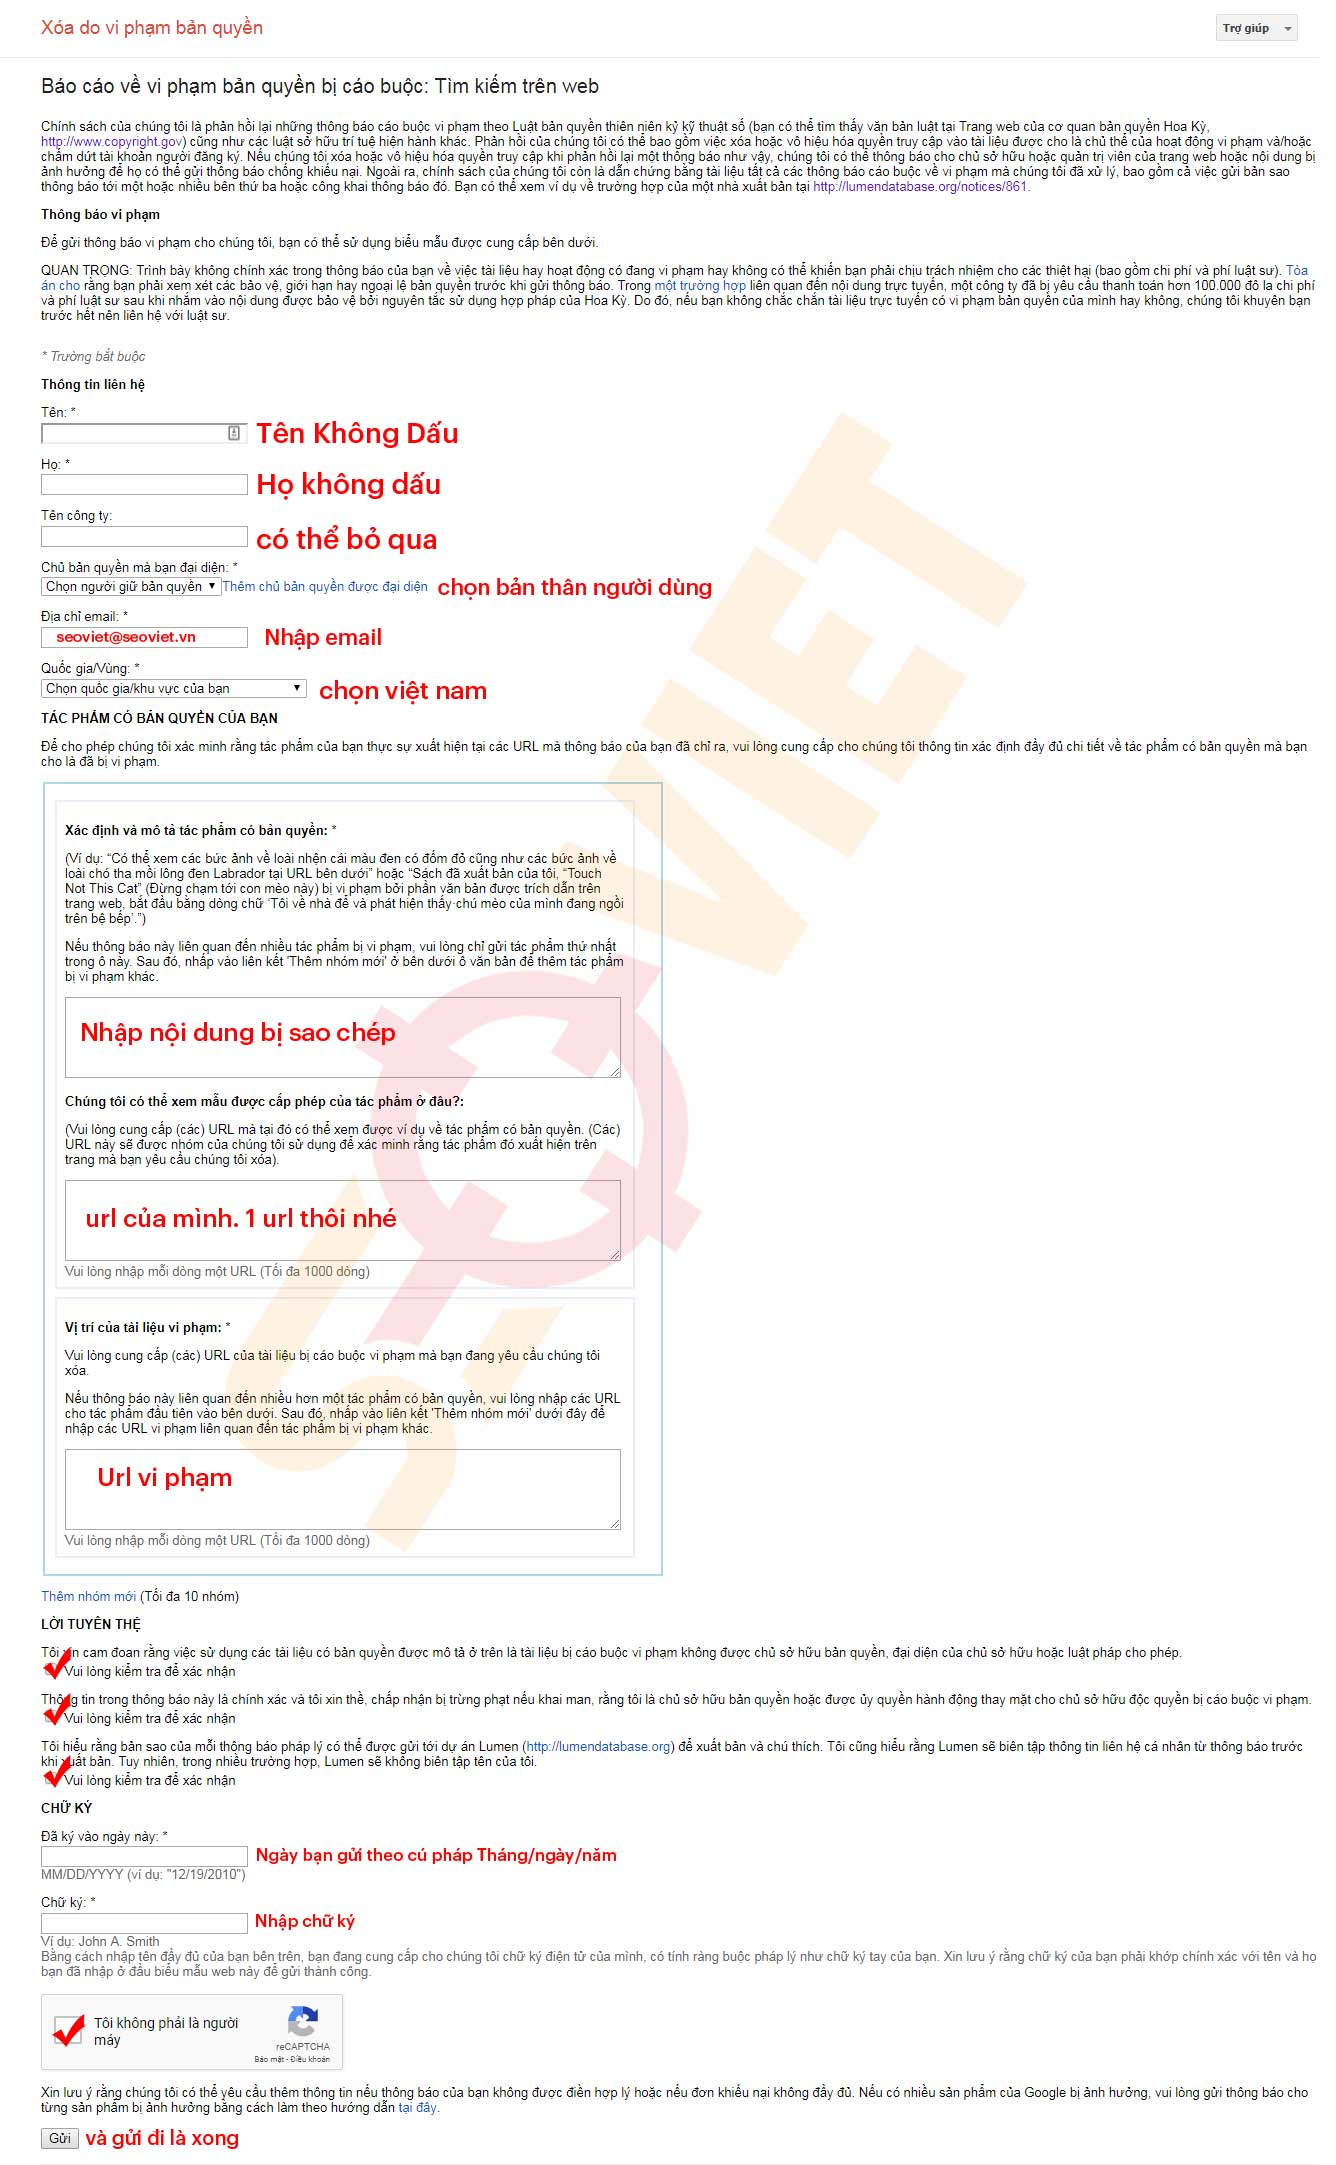 Report nội dung vi phạm bản quyền